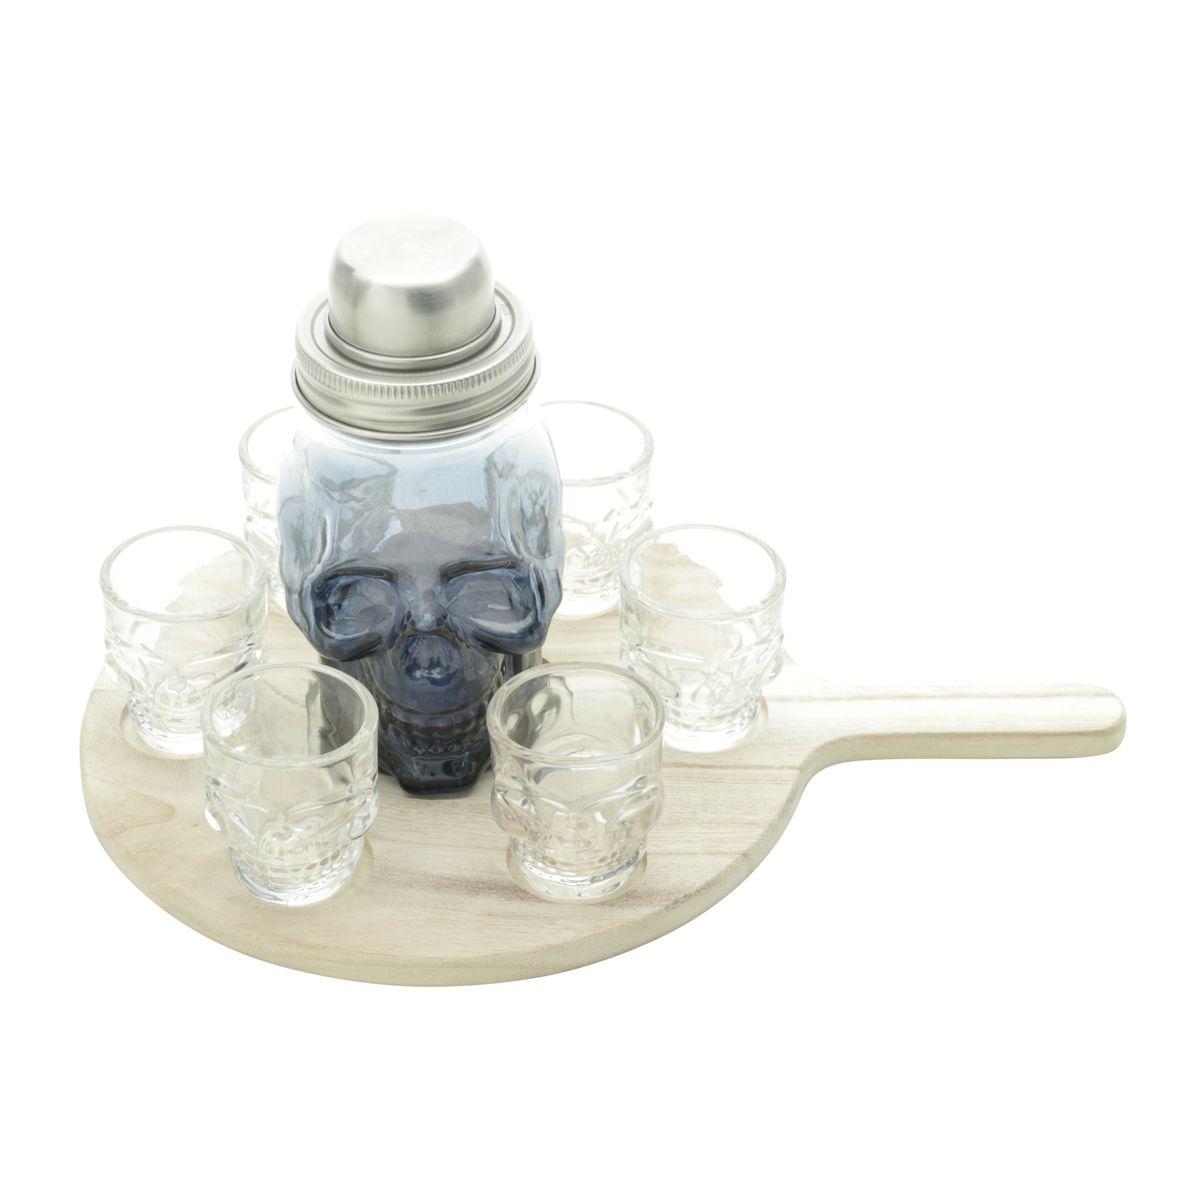 Kit 8 Peças - 6 Copos Dose, 1 Coqueteleira e 1 Tabua Madeira Skull Cinza/Transparente